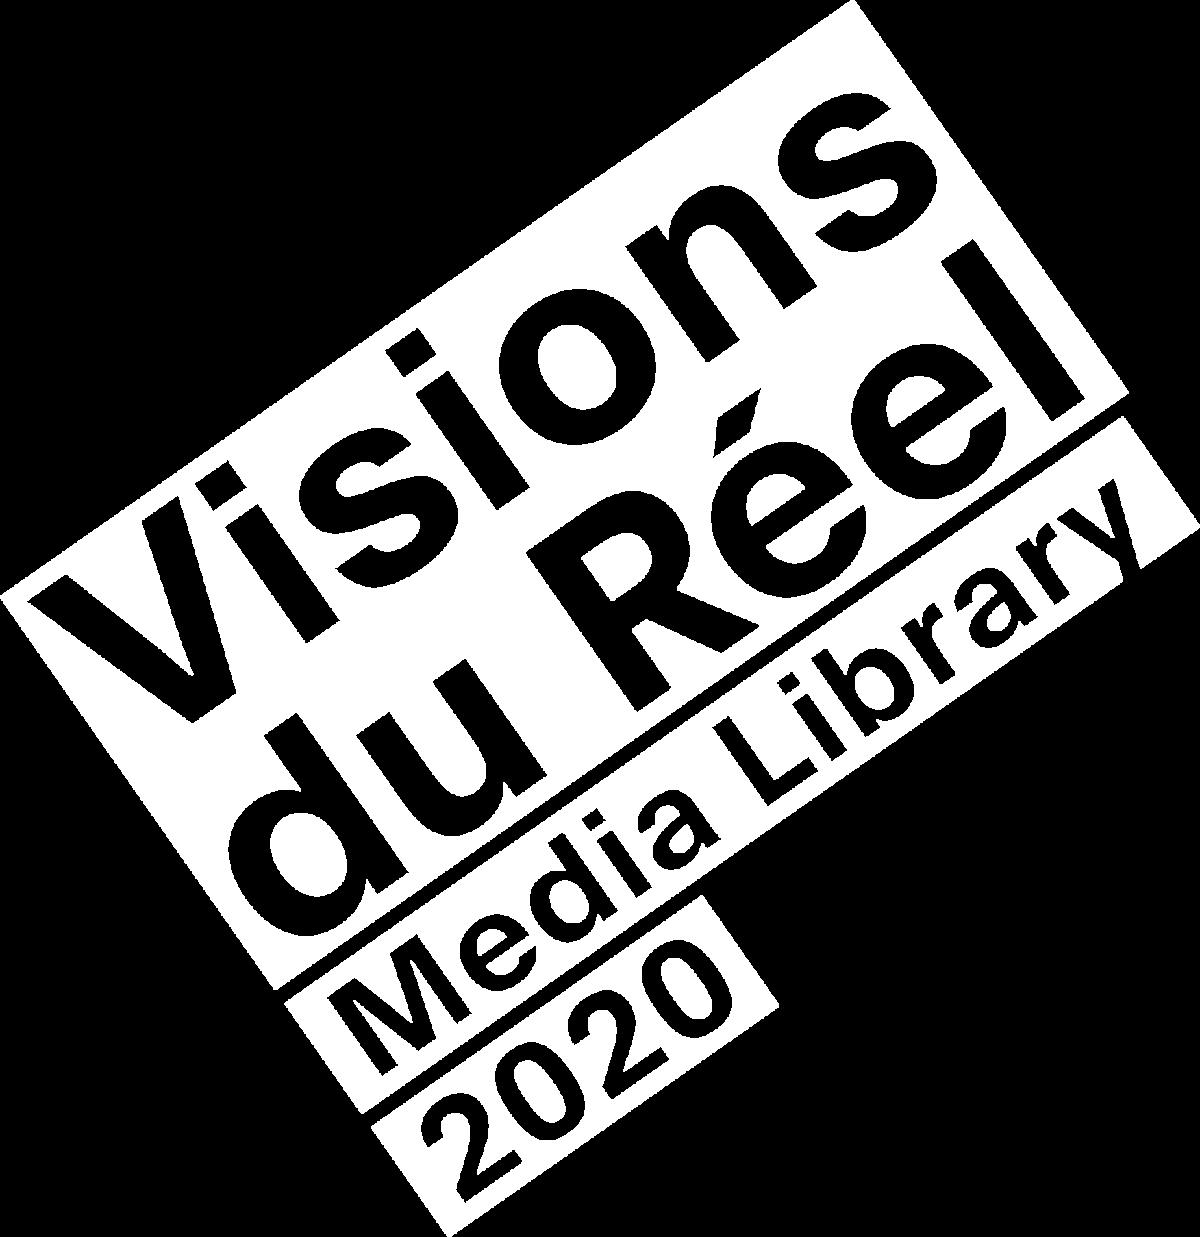 vdr_medialibrary_logo